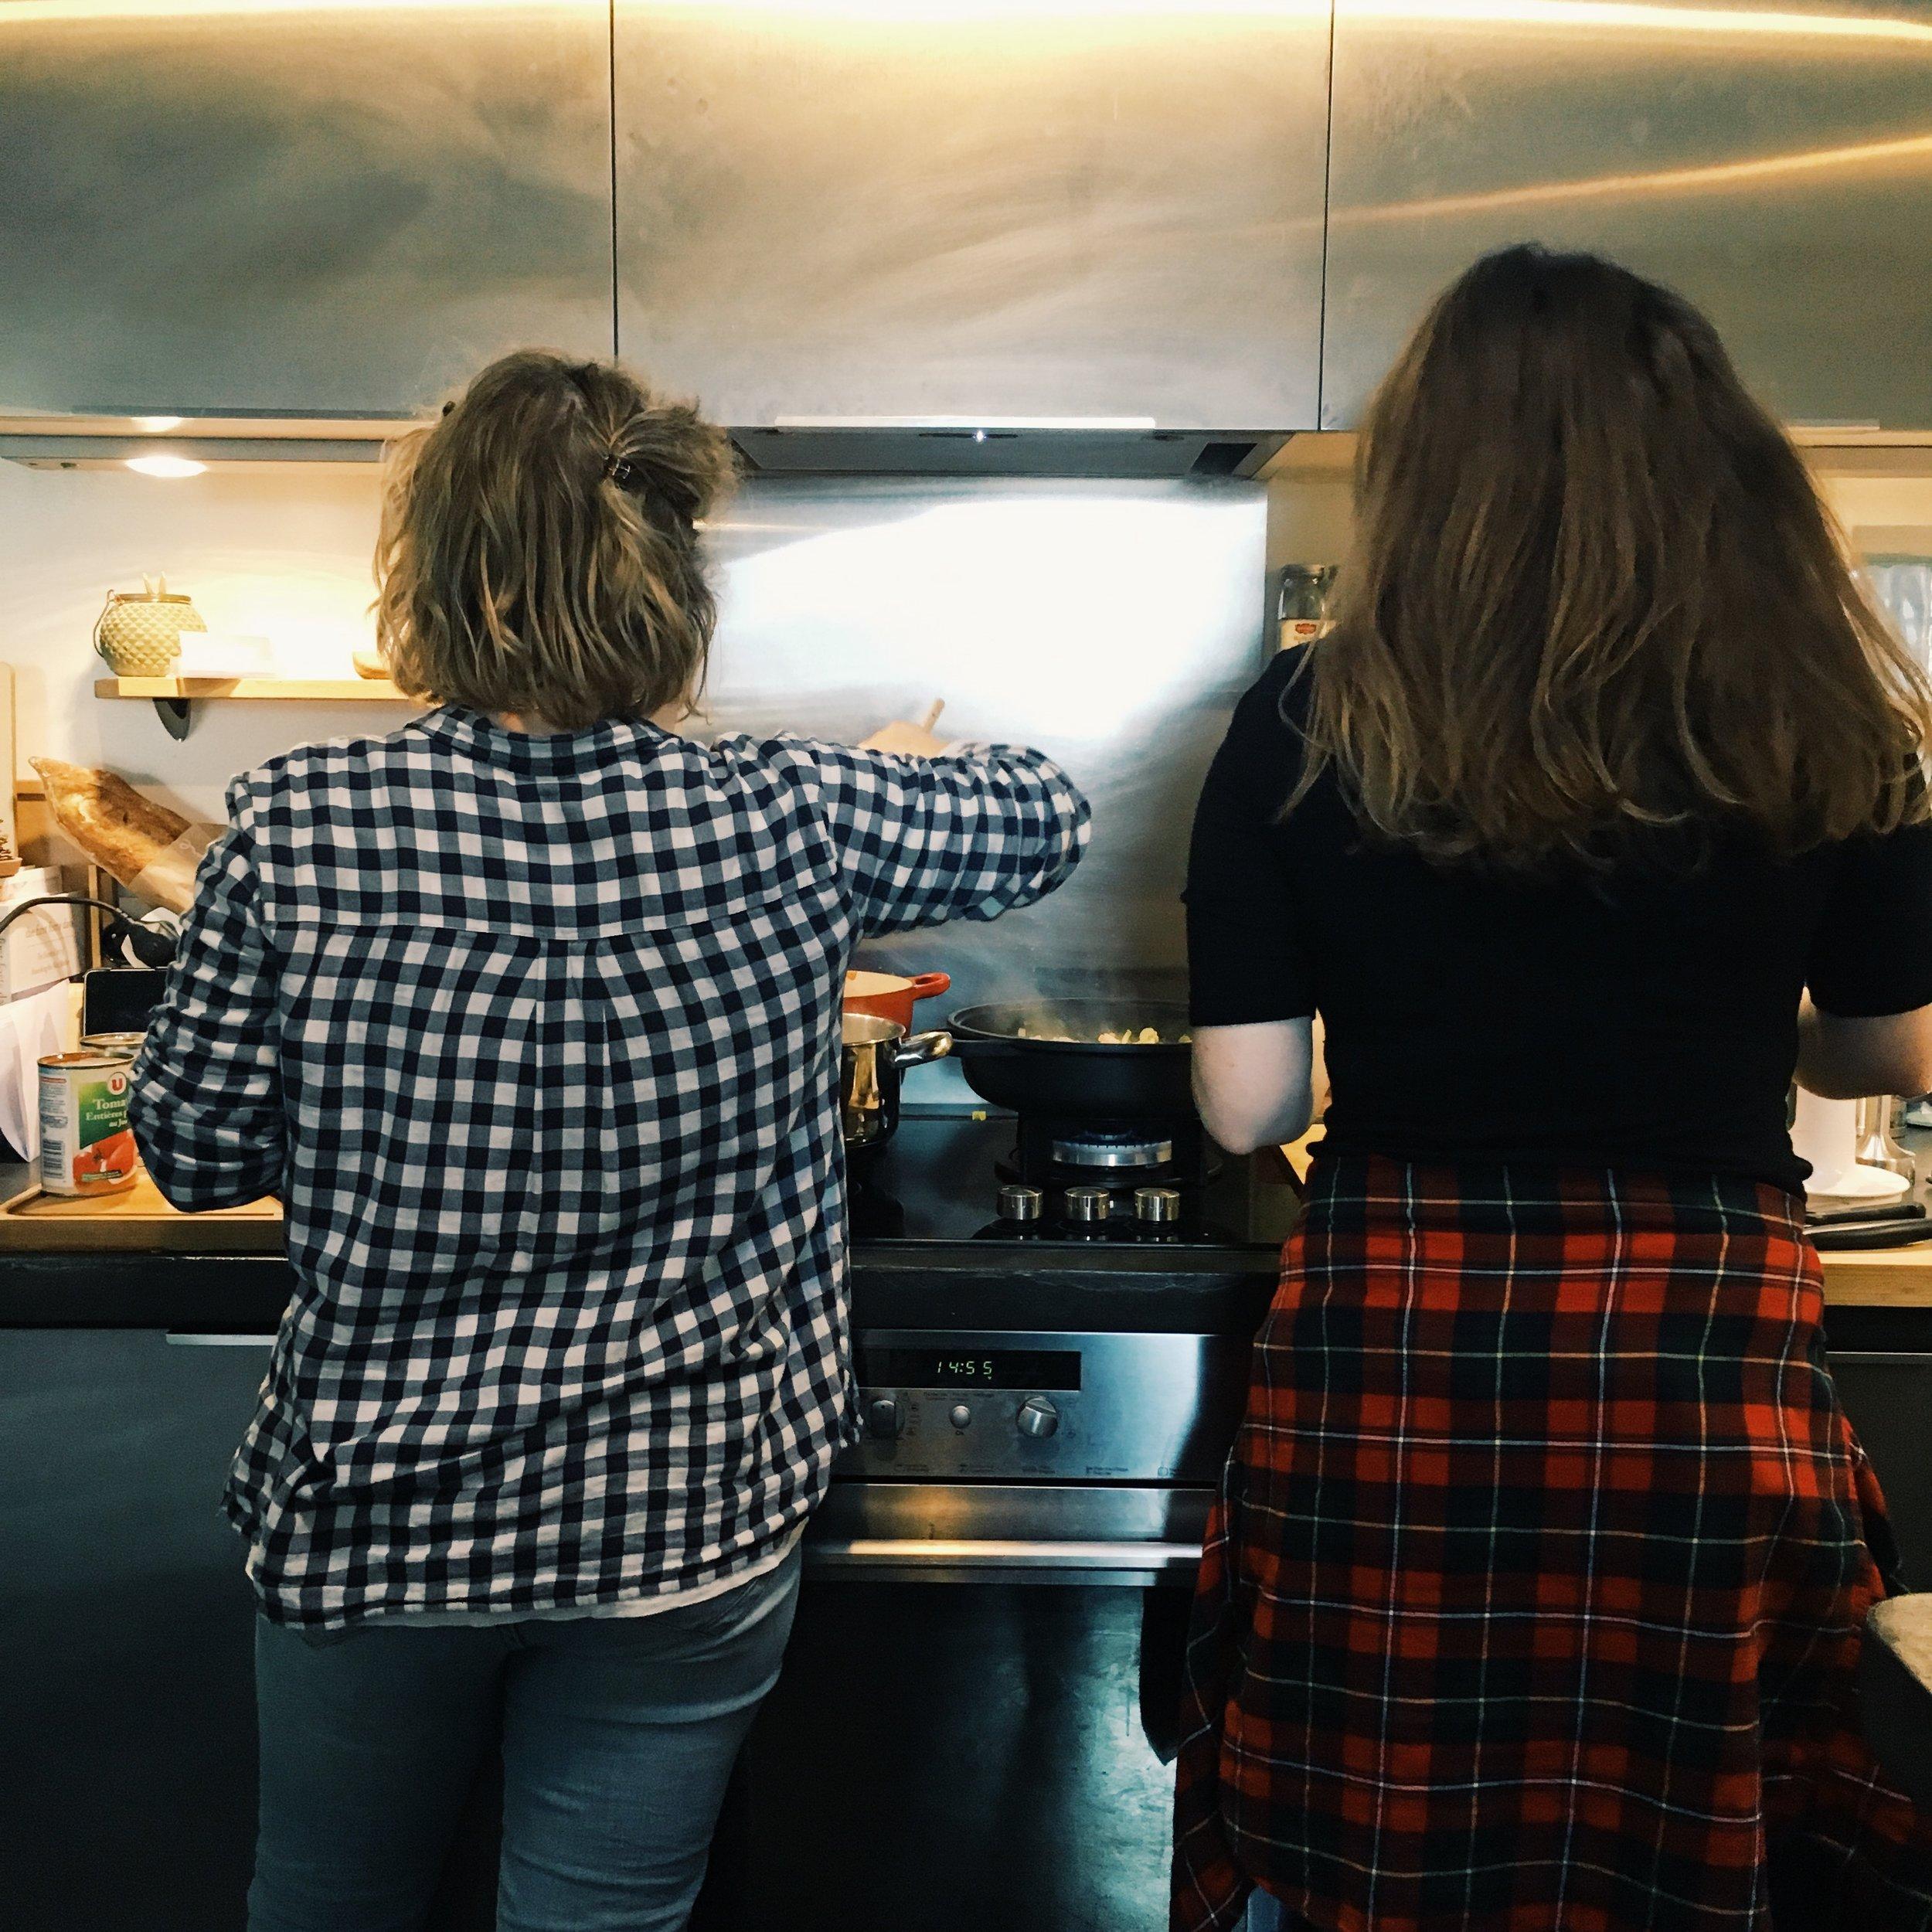 The lovely Emily & Sarah releasing their inner Chefs